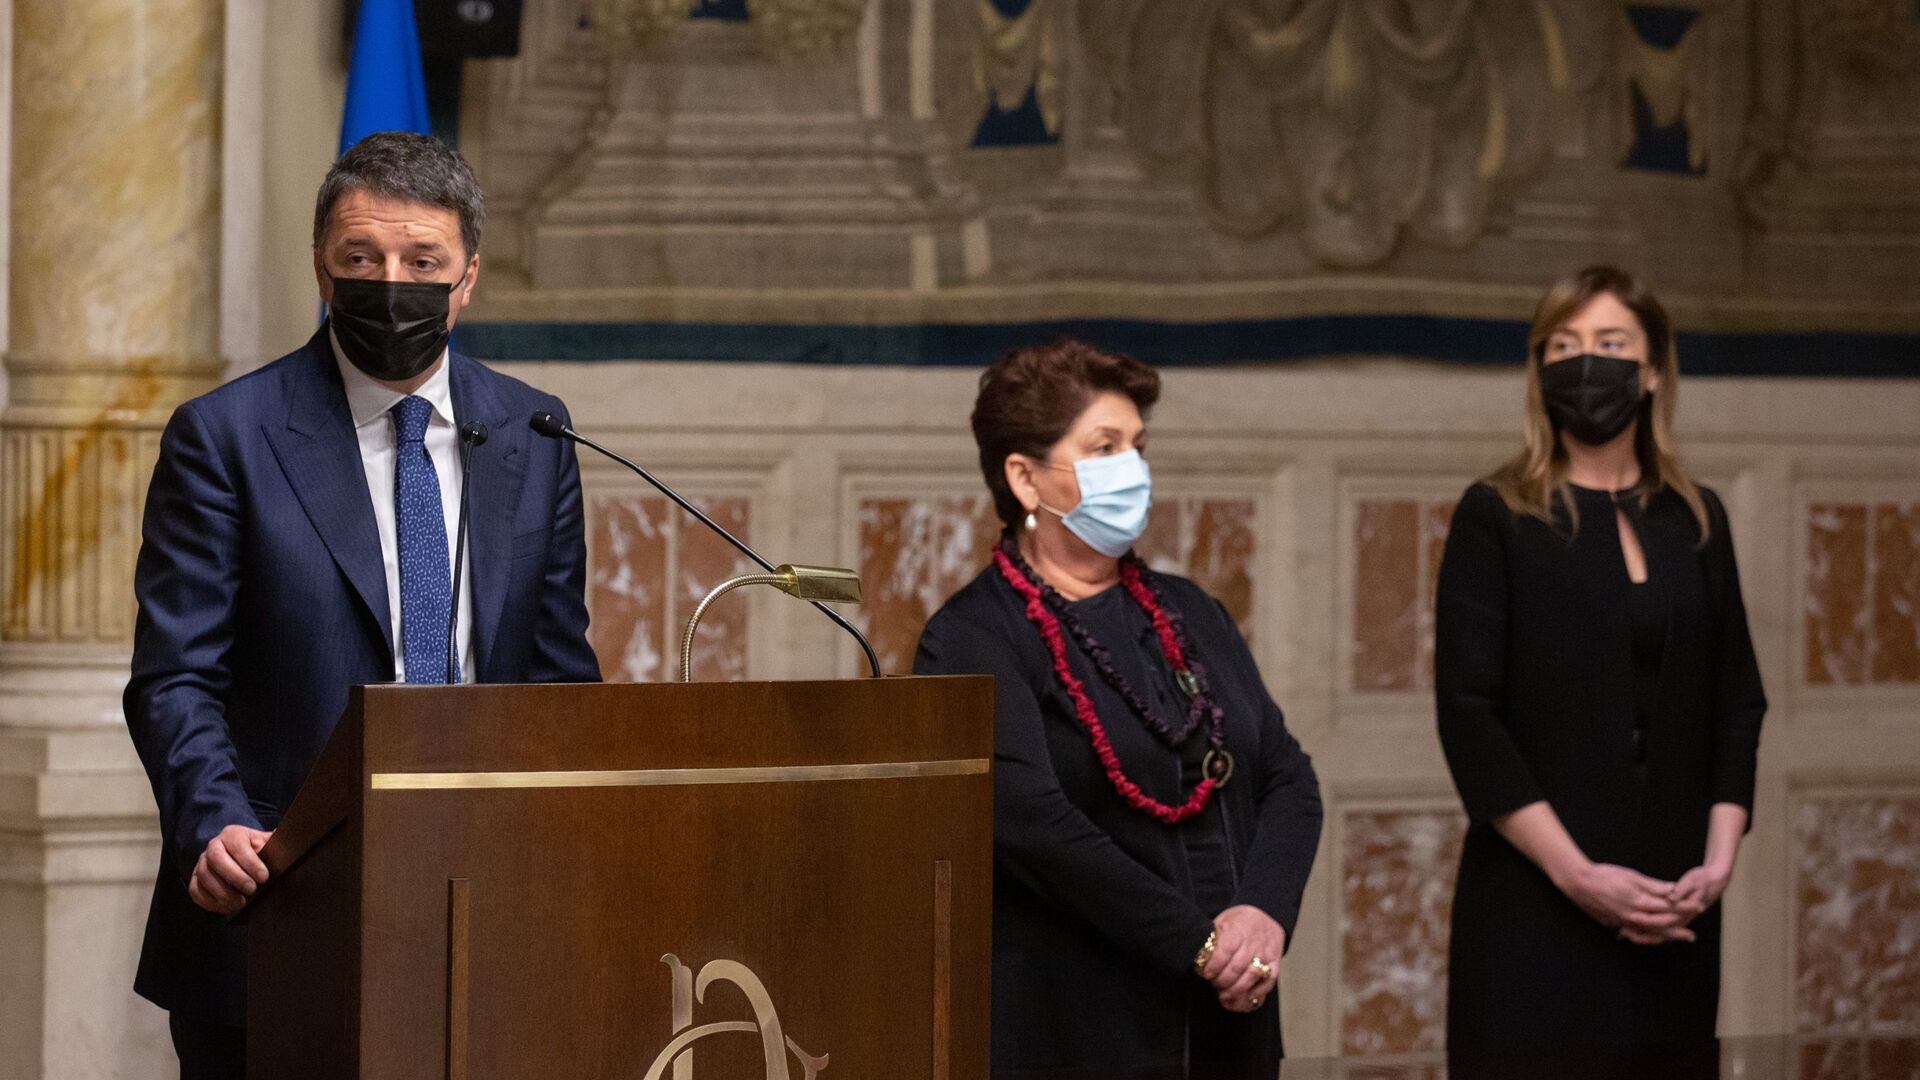 Matteo Renzi al termine delle consultazioni con Roberto Fico - Sputnik Italia, 1920, 02.02.2021